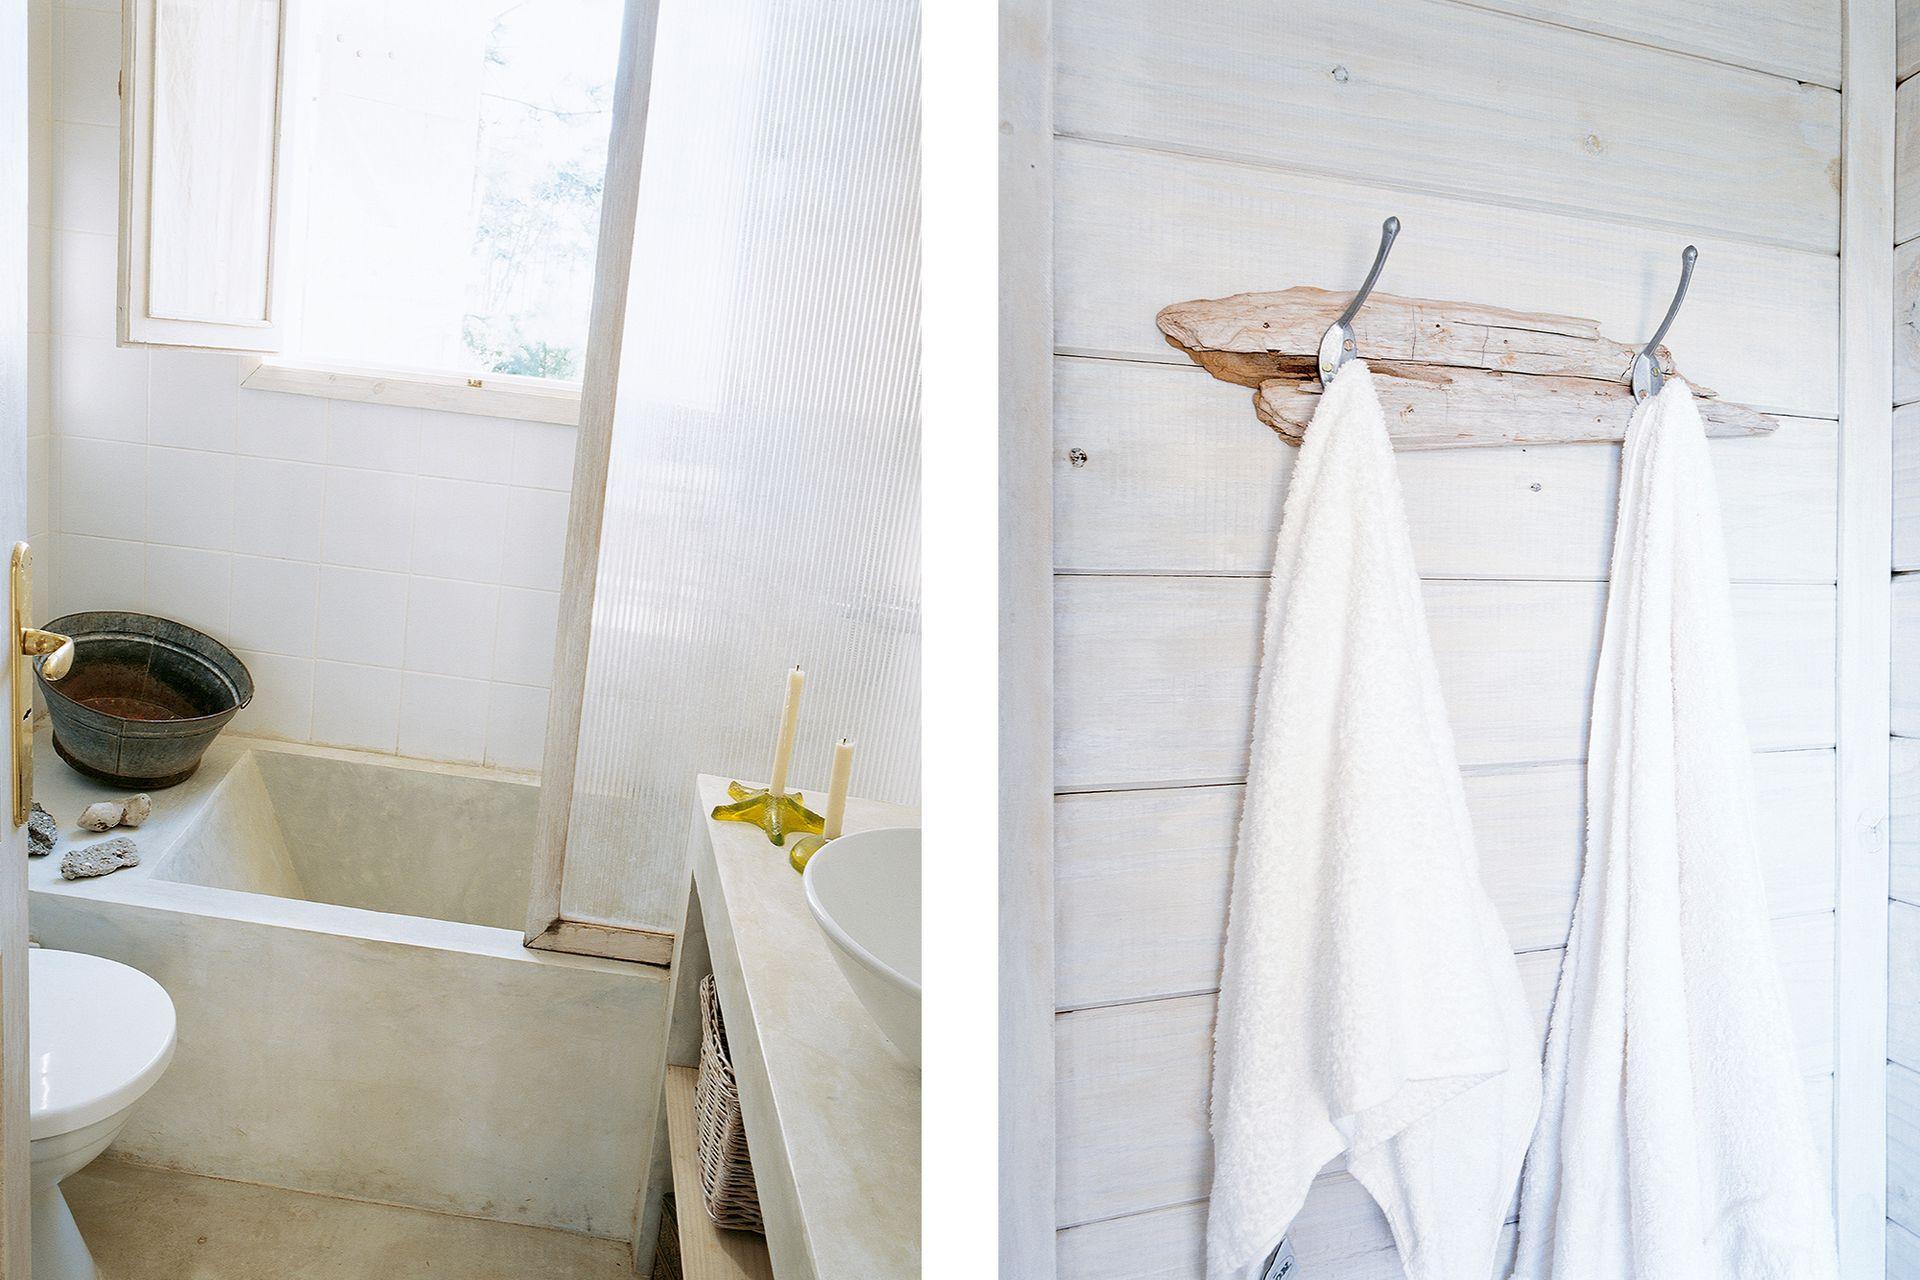 En varios lugares de la casa se utilizó el sencillo y cálido recurso de fijar ganchos de colgar o apliques sobre un trozo basto de tabla o tronco, en lugar de hacerlo directamente sobre las paredes.